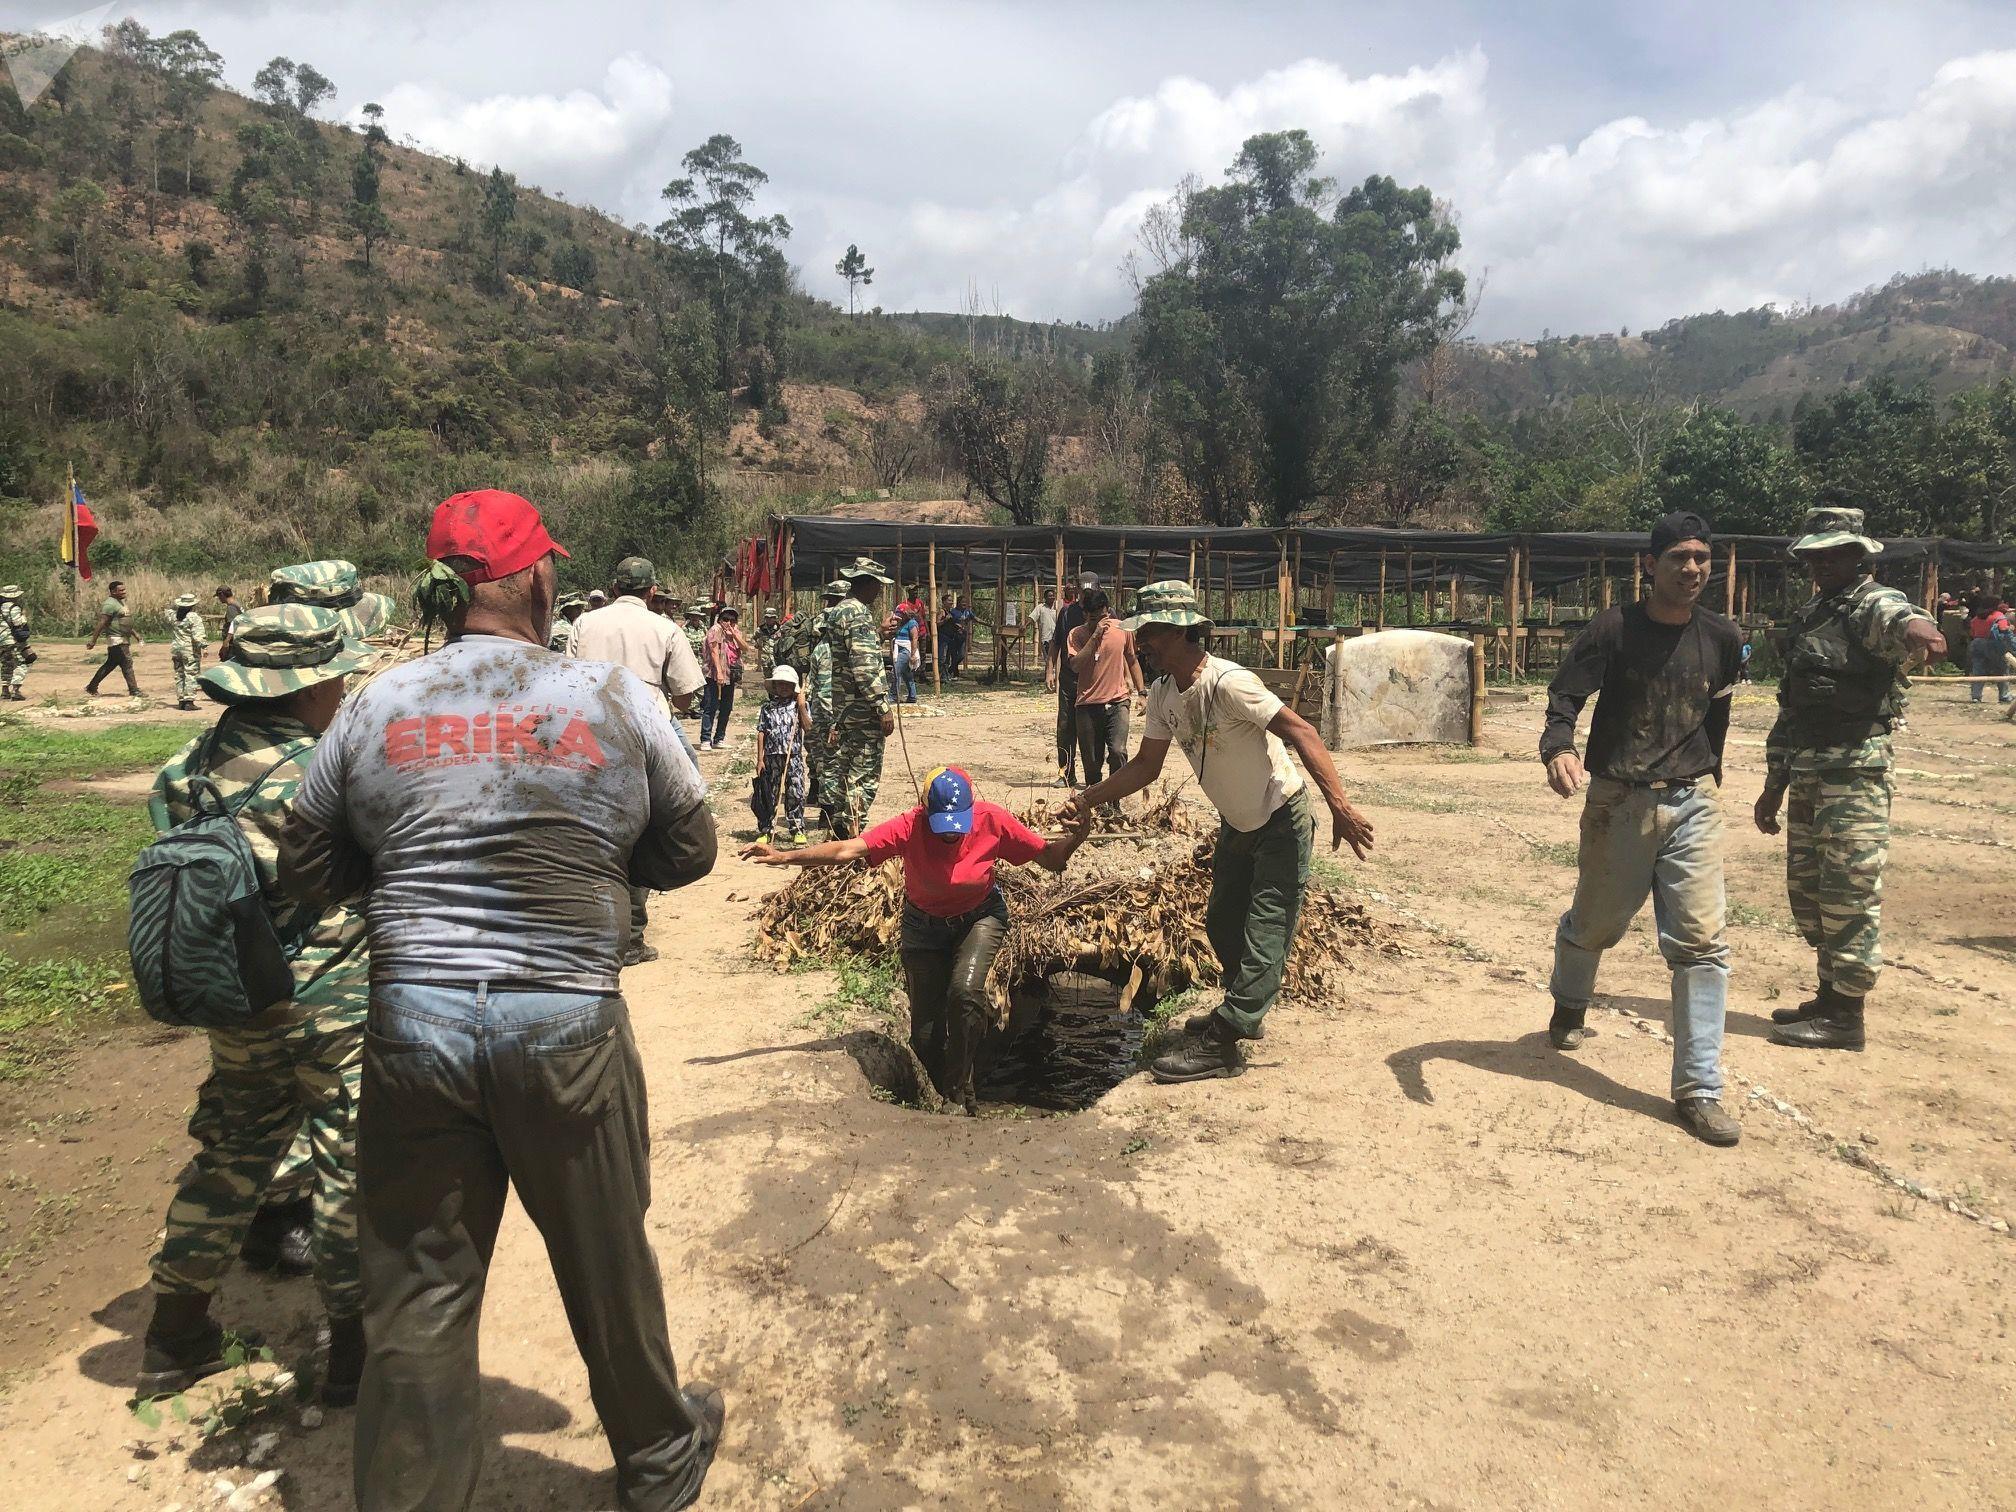 O Método Tático de Resistência Revolucionária se baseia em ter patriotas cooperantes em todos os territórios, explica o major Jesús Orozco, do Exército venezuelano